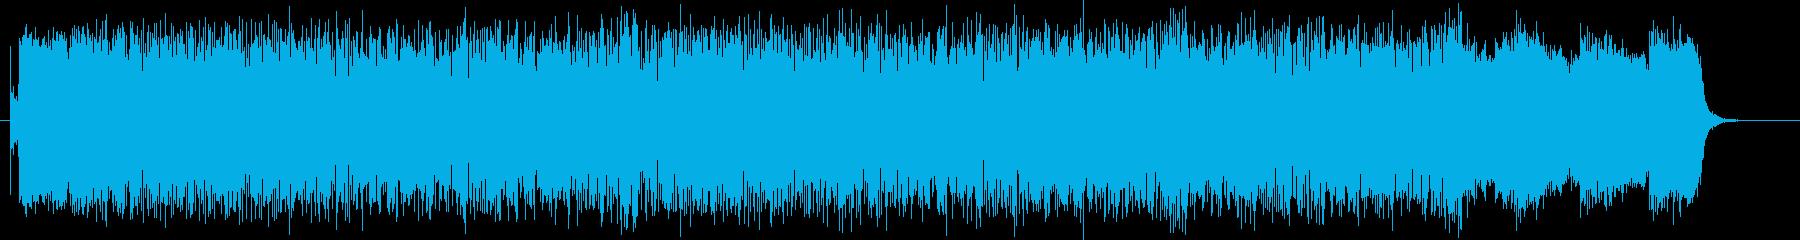 激しさ力強さを持ったシンセサイザーの曲の再生済みの波形